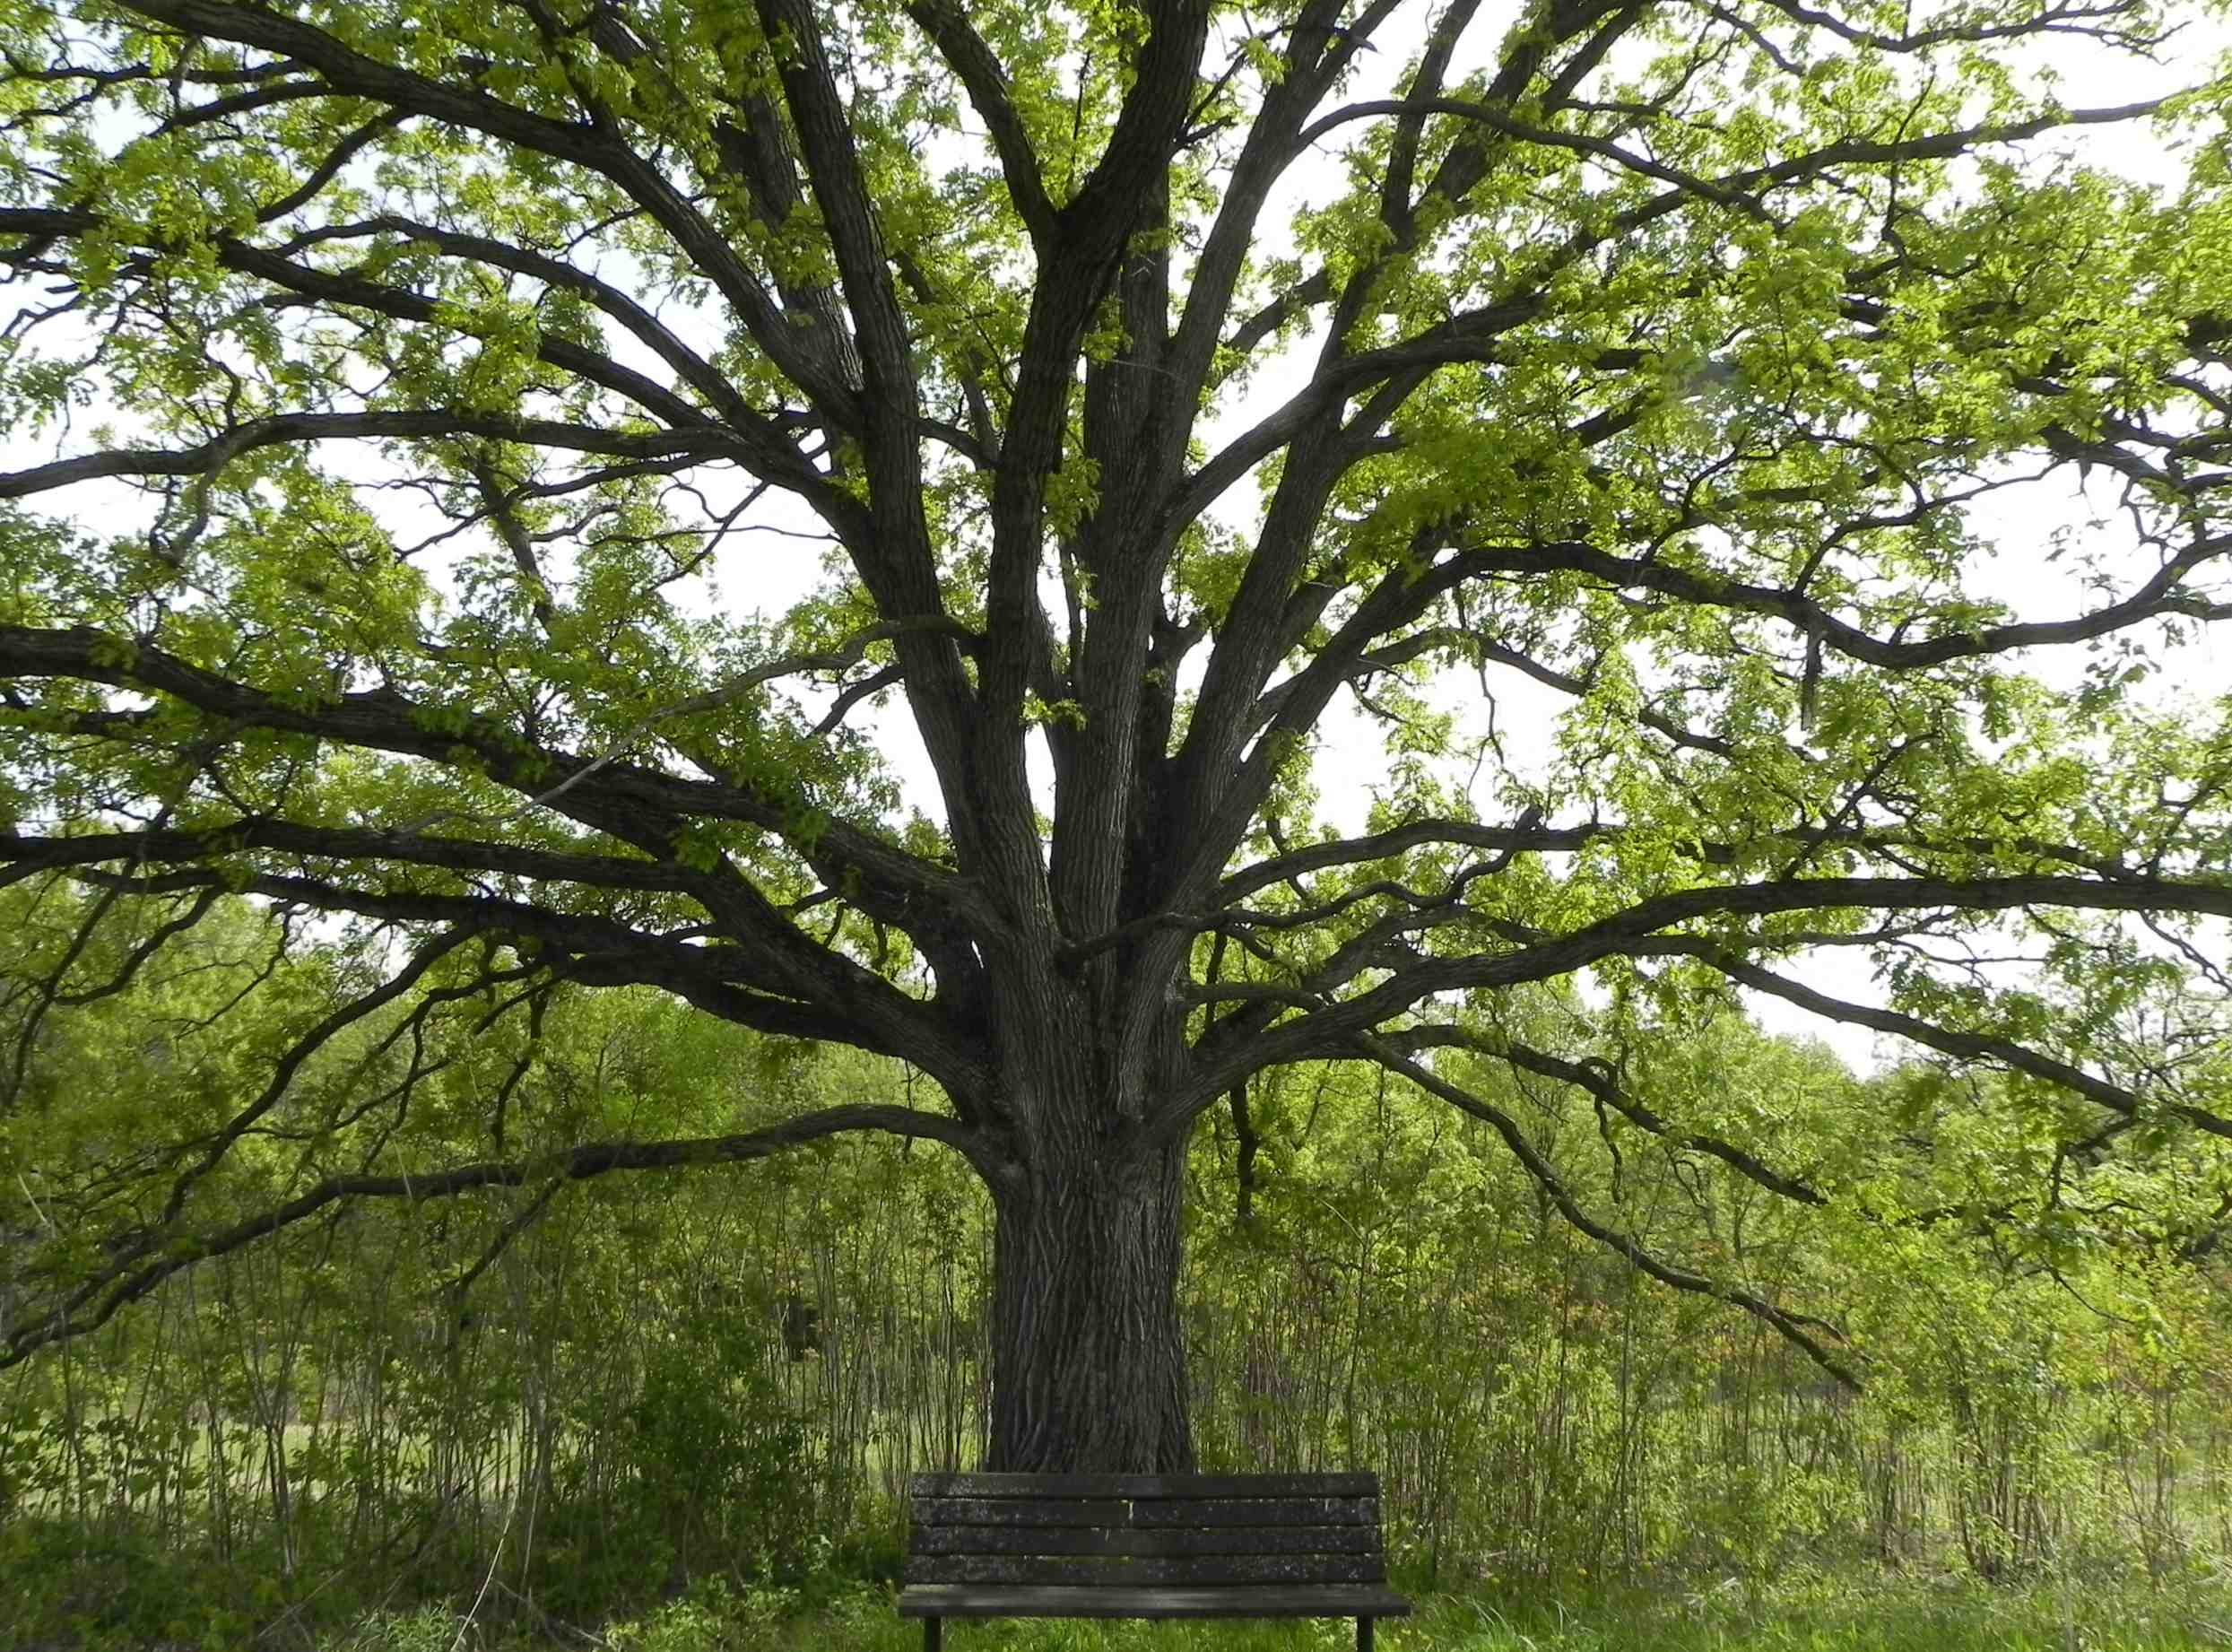 oak tree with bench 2489x1842